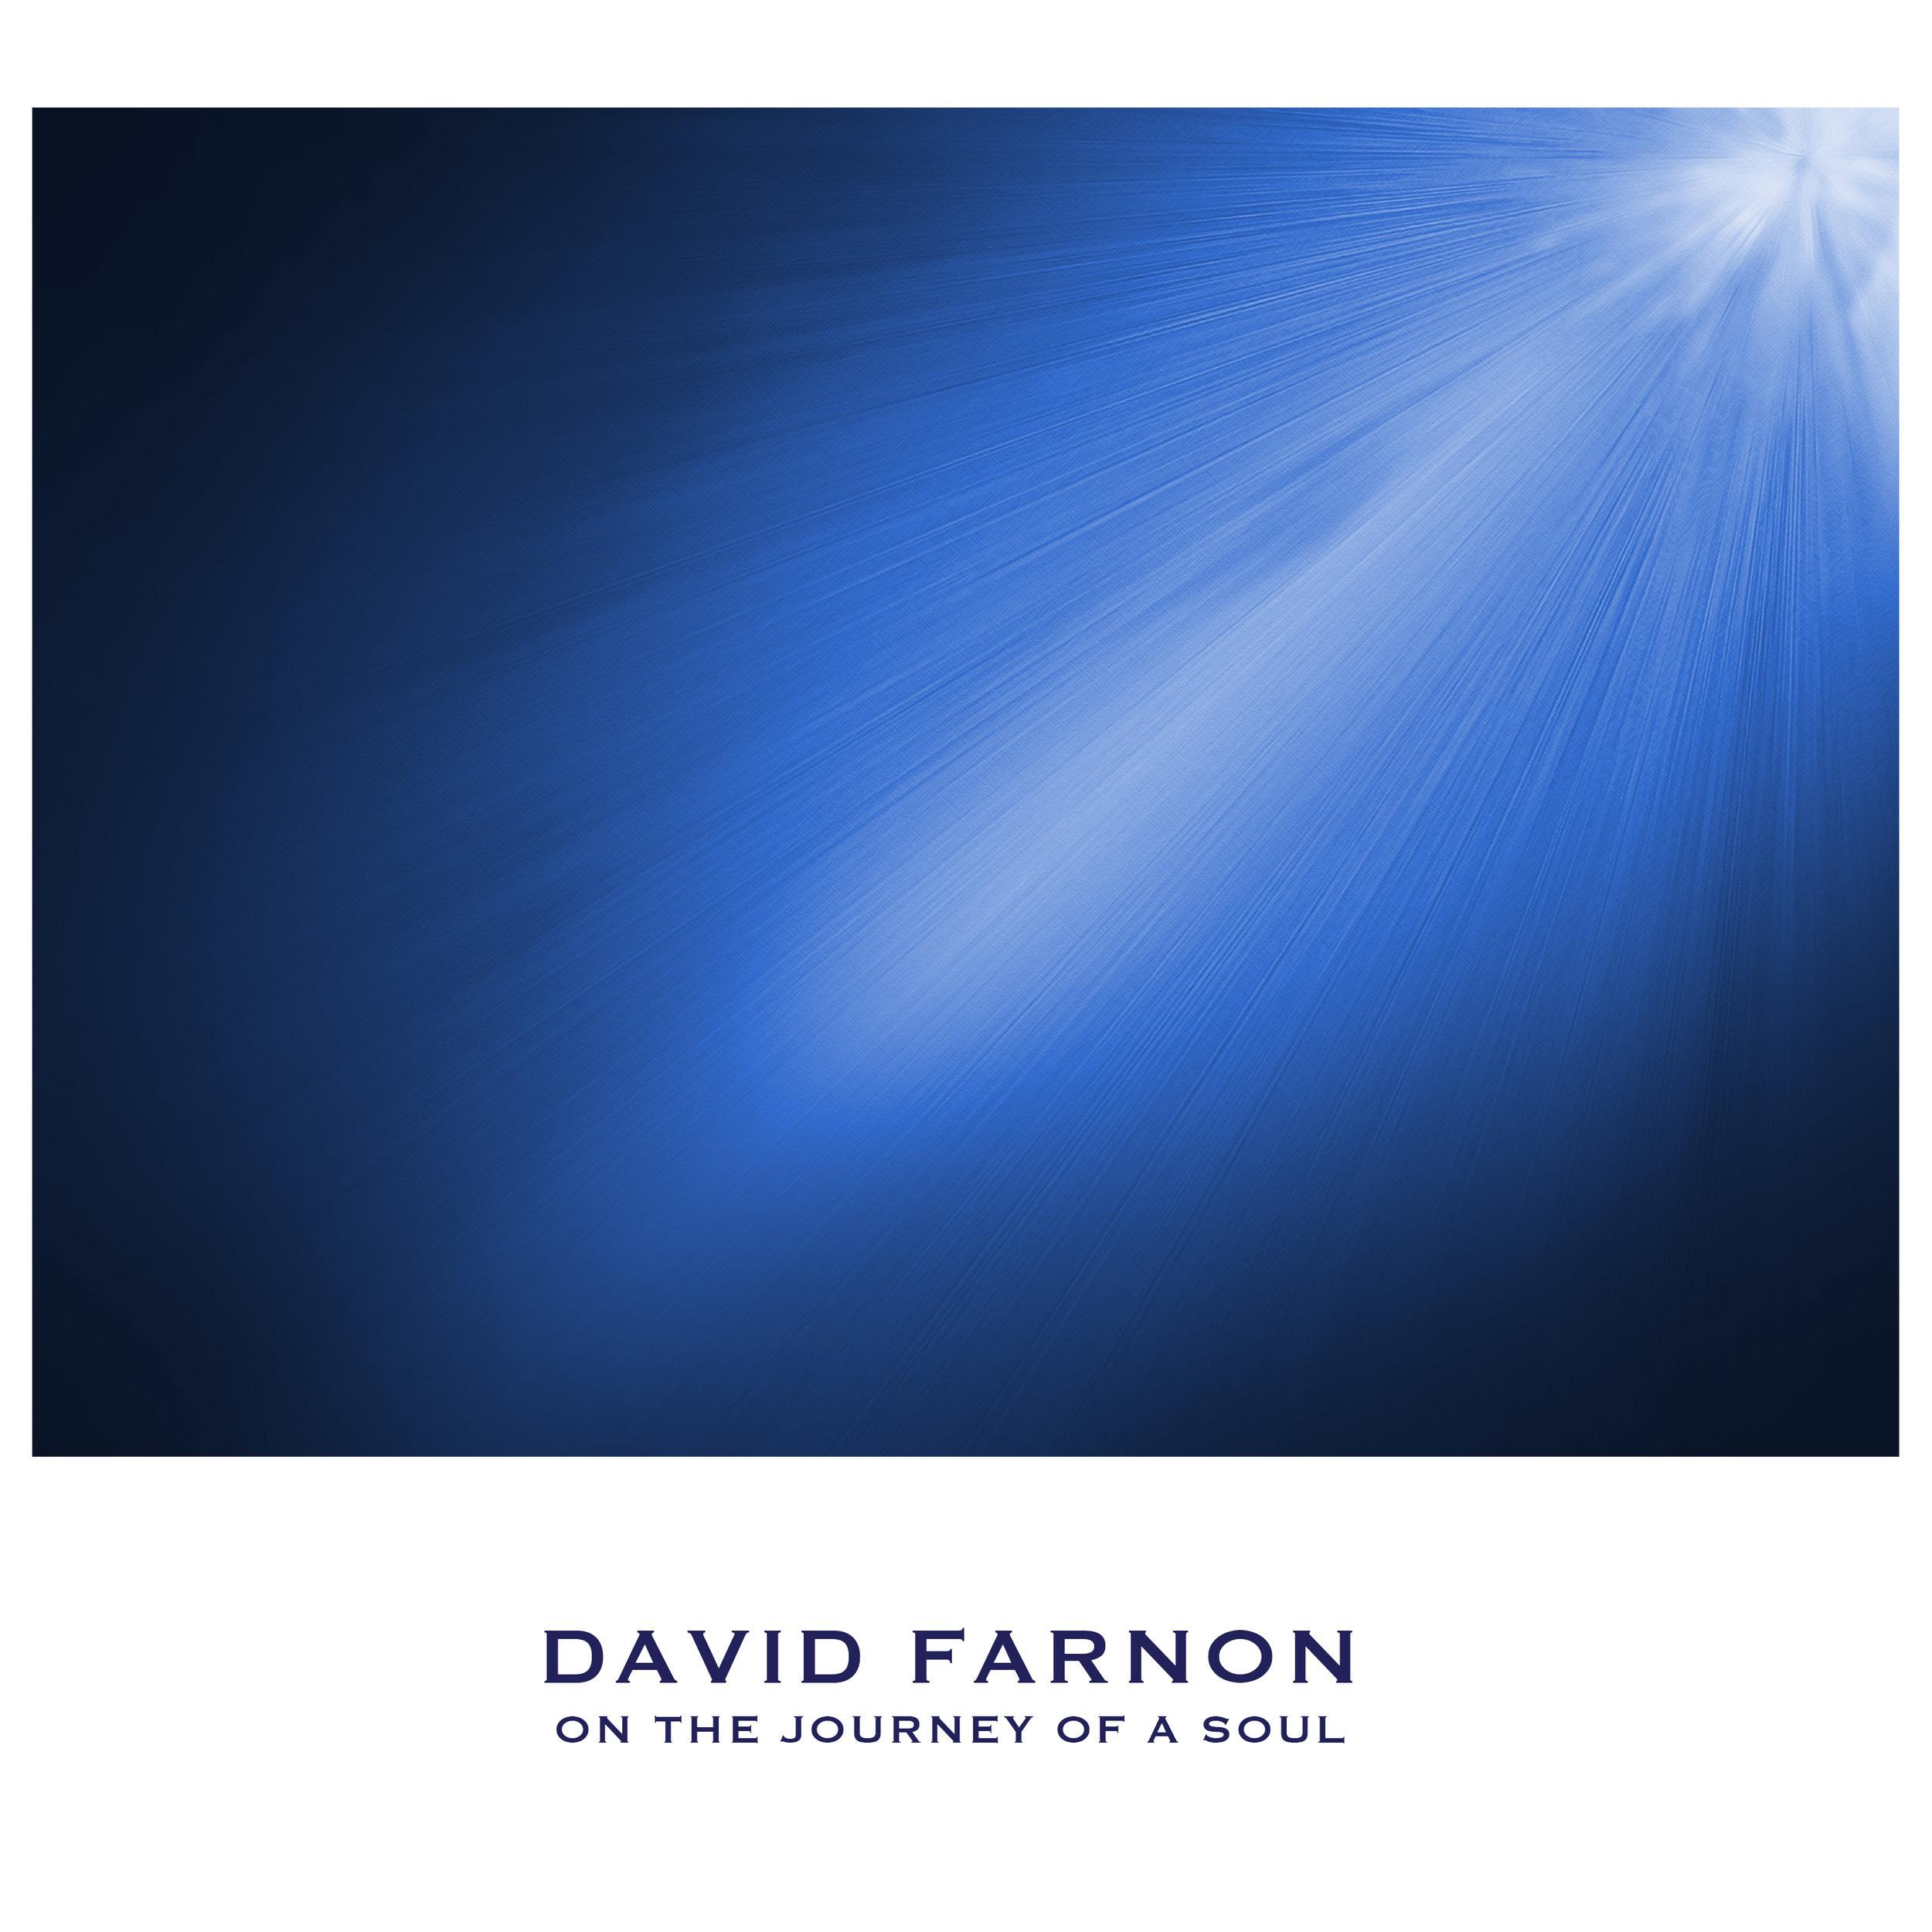 D-Farnon-Joas-3000X3000.jpg